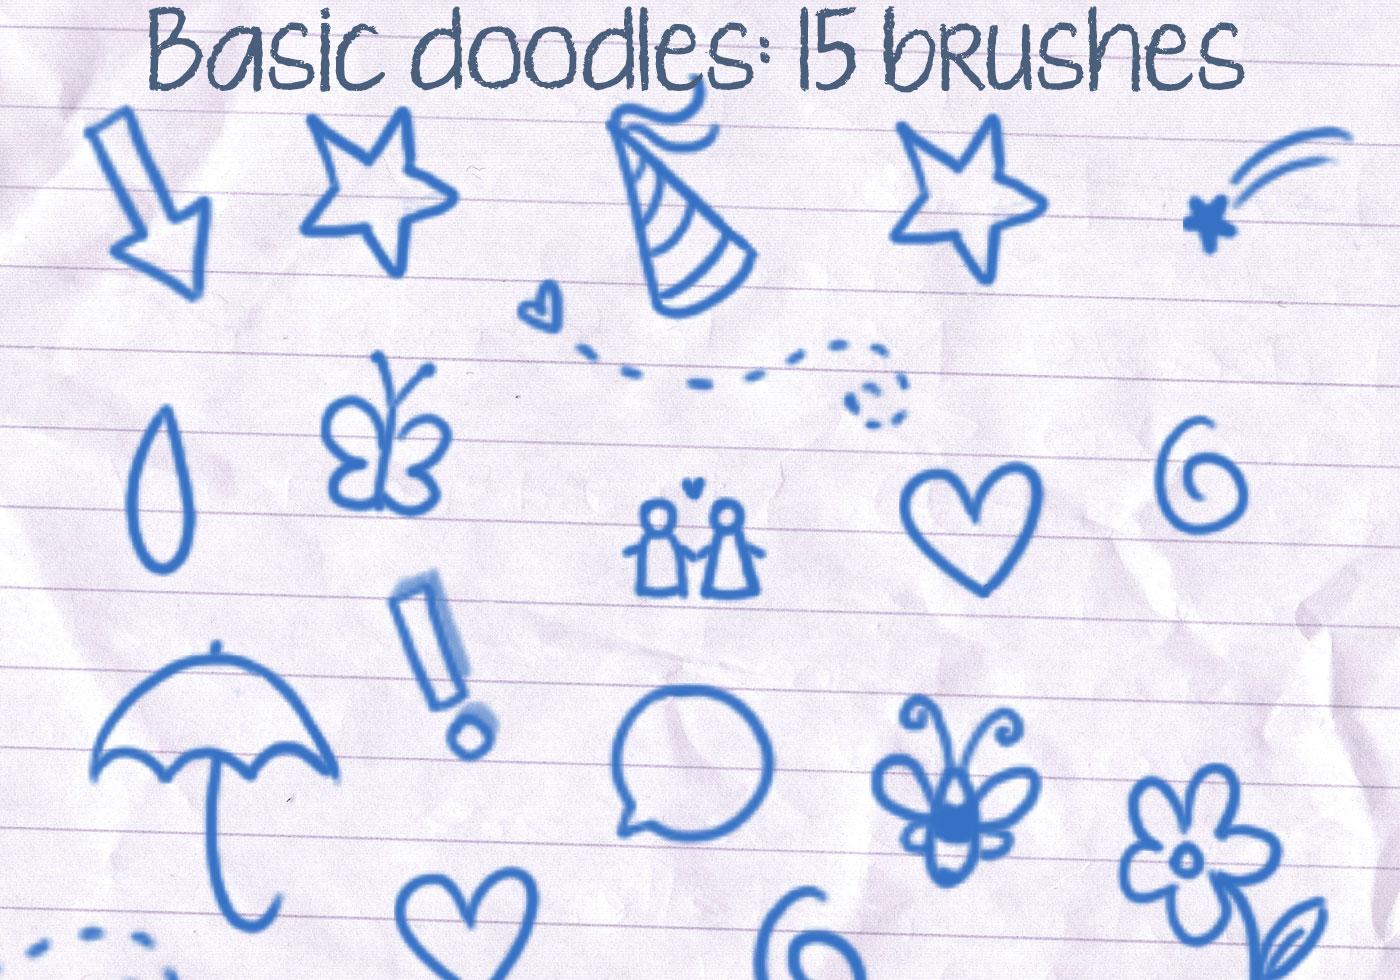 Basic doodles brushes free photoshop brushes at brusheezy for Basic doodle designs